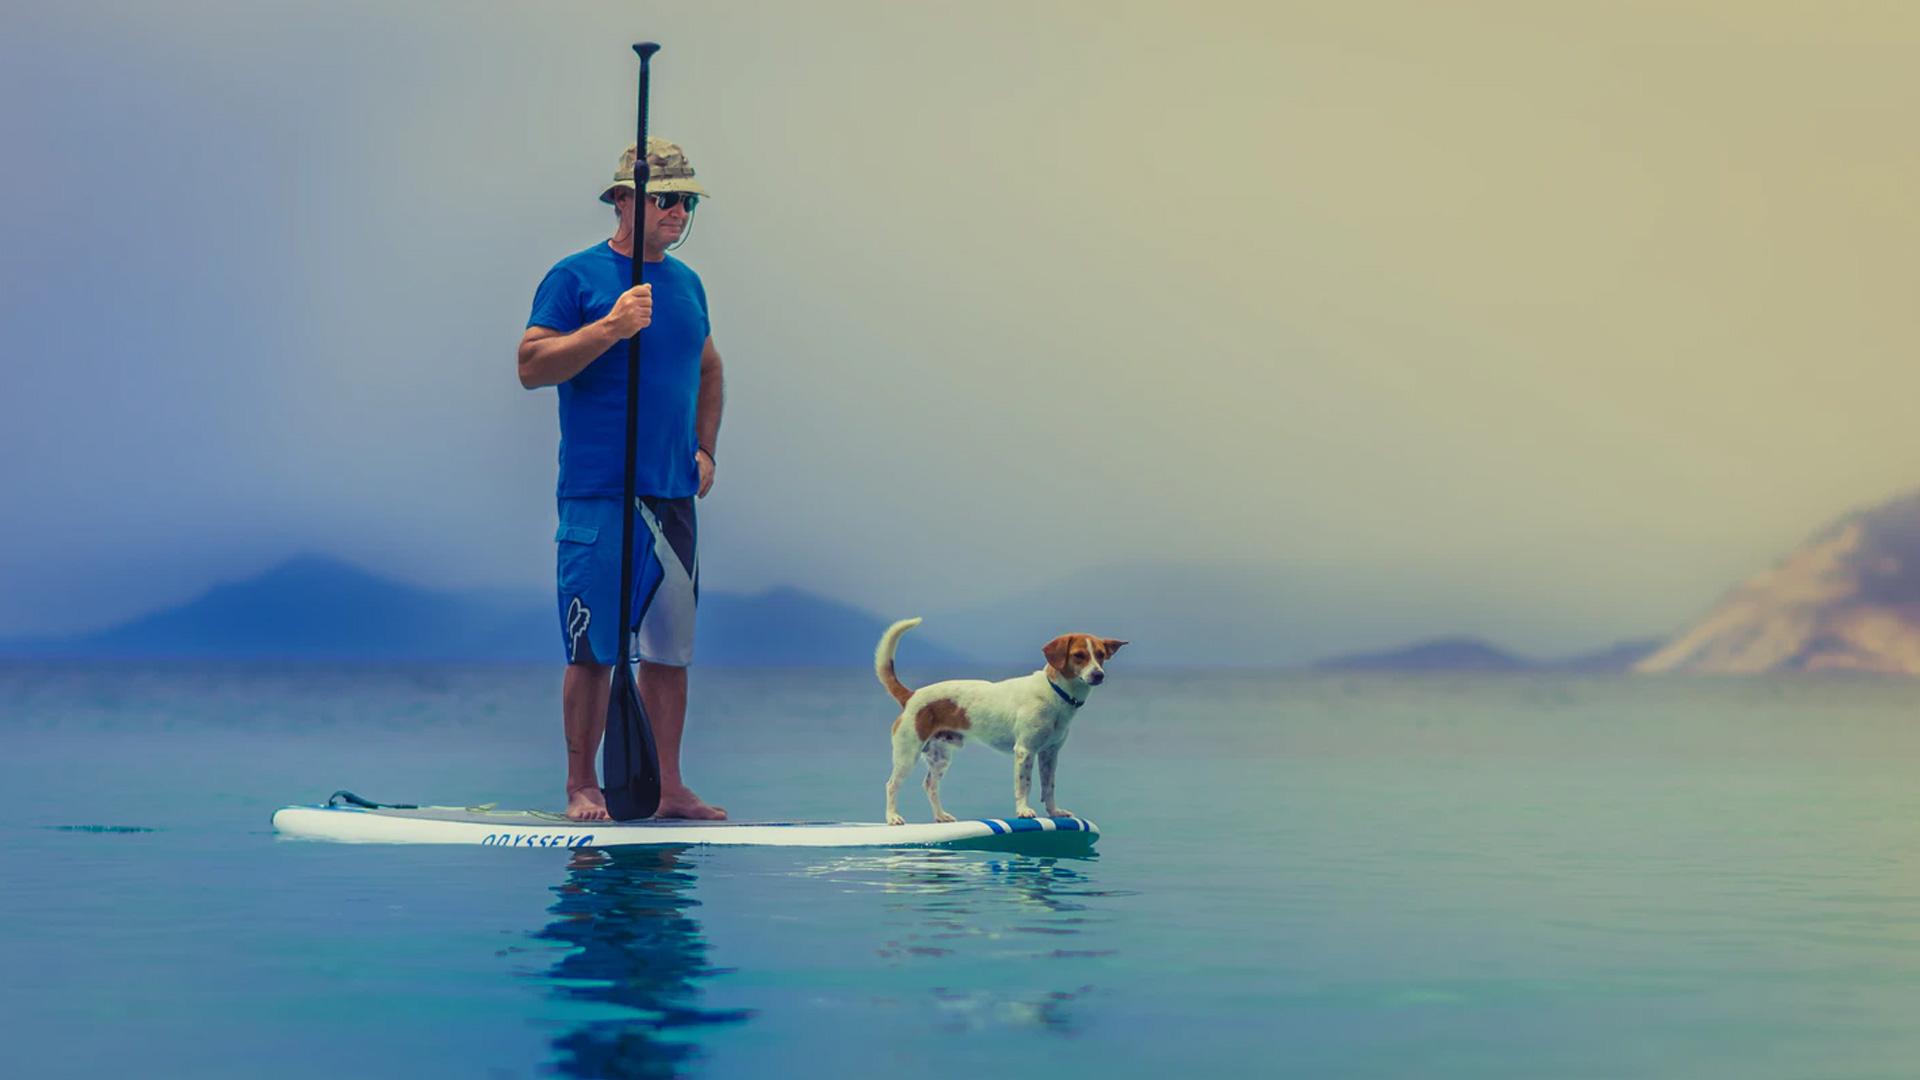 2 person ocean kayak, tandem ocean kayak, paddles kayak, angler kayak kayak, retailers ocean kayak, malibu, fishing kayak, sit on top kayak